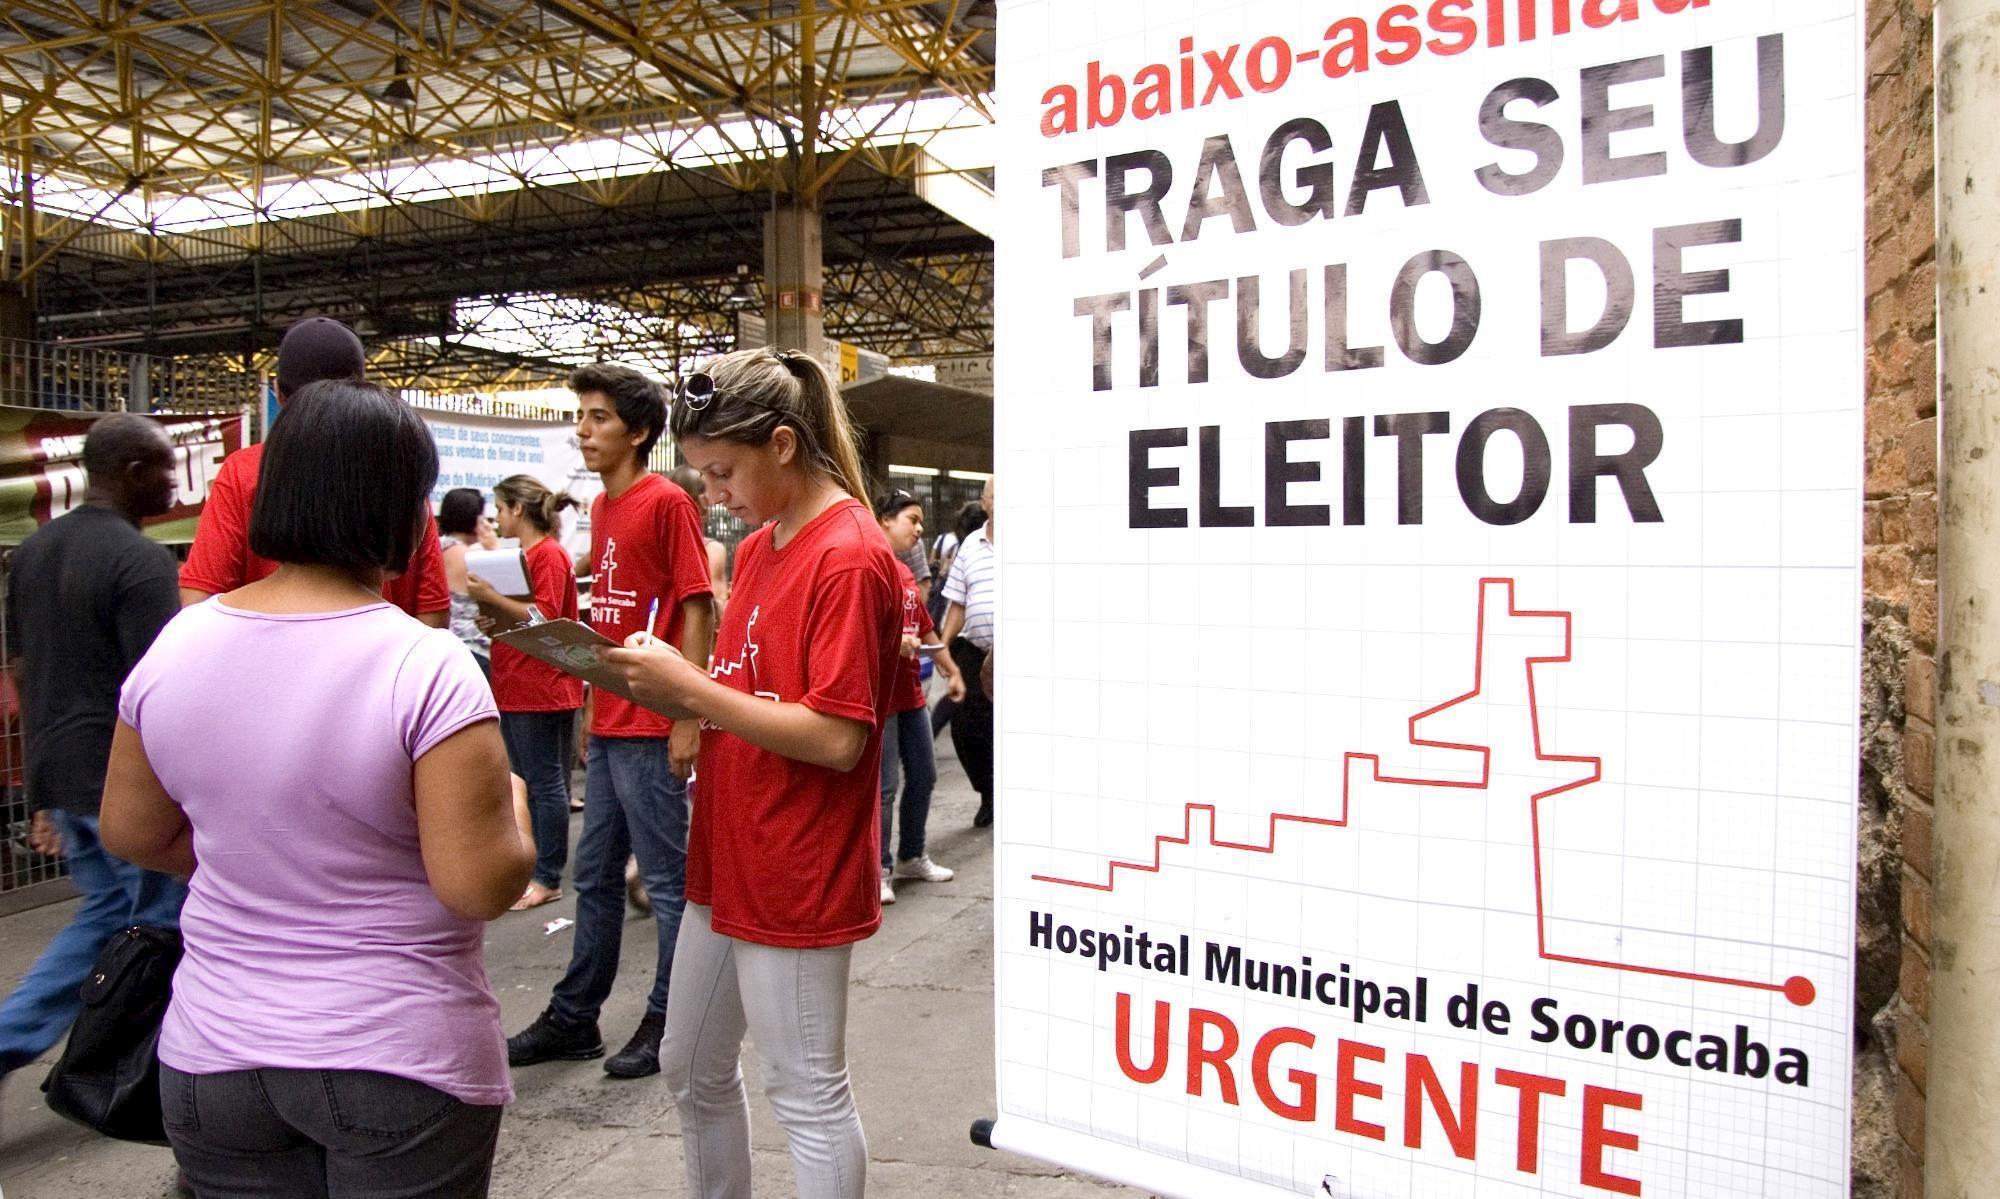 carol, outubro, 2020, imprensa, Foguinho/Arquivo Imprensa SMetal